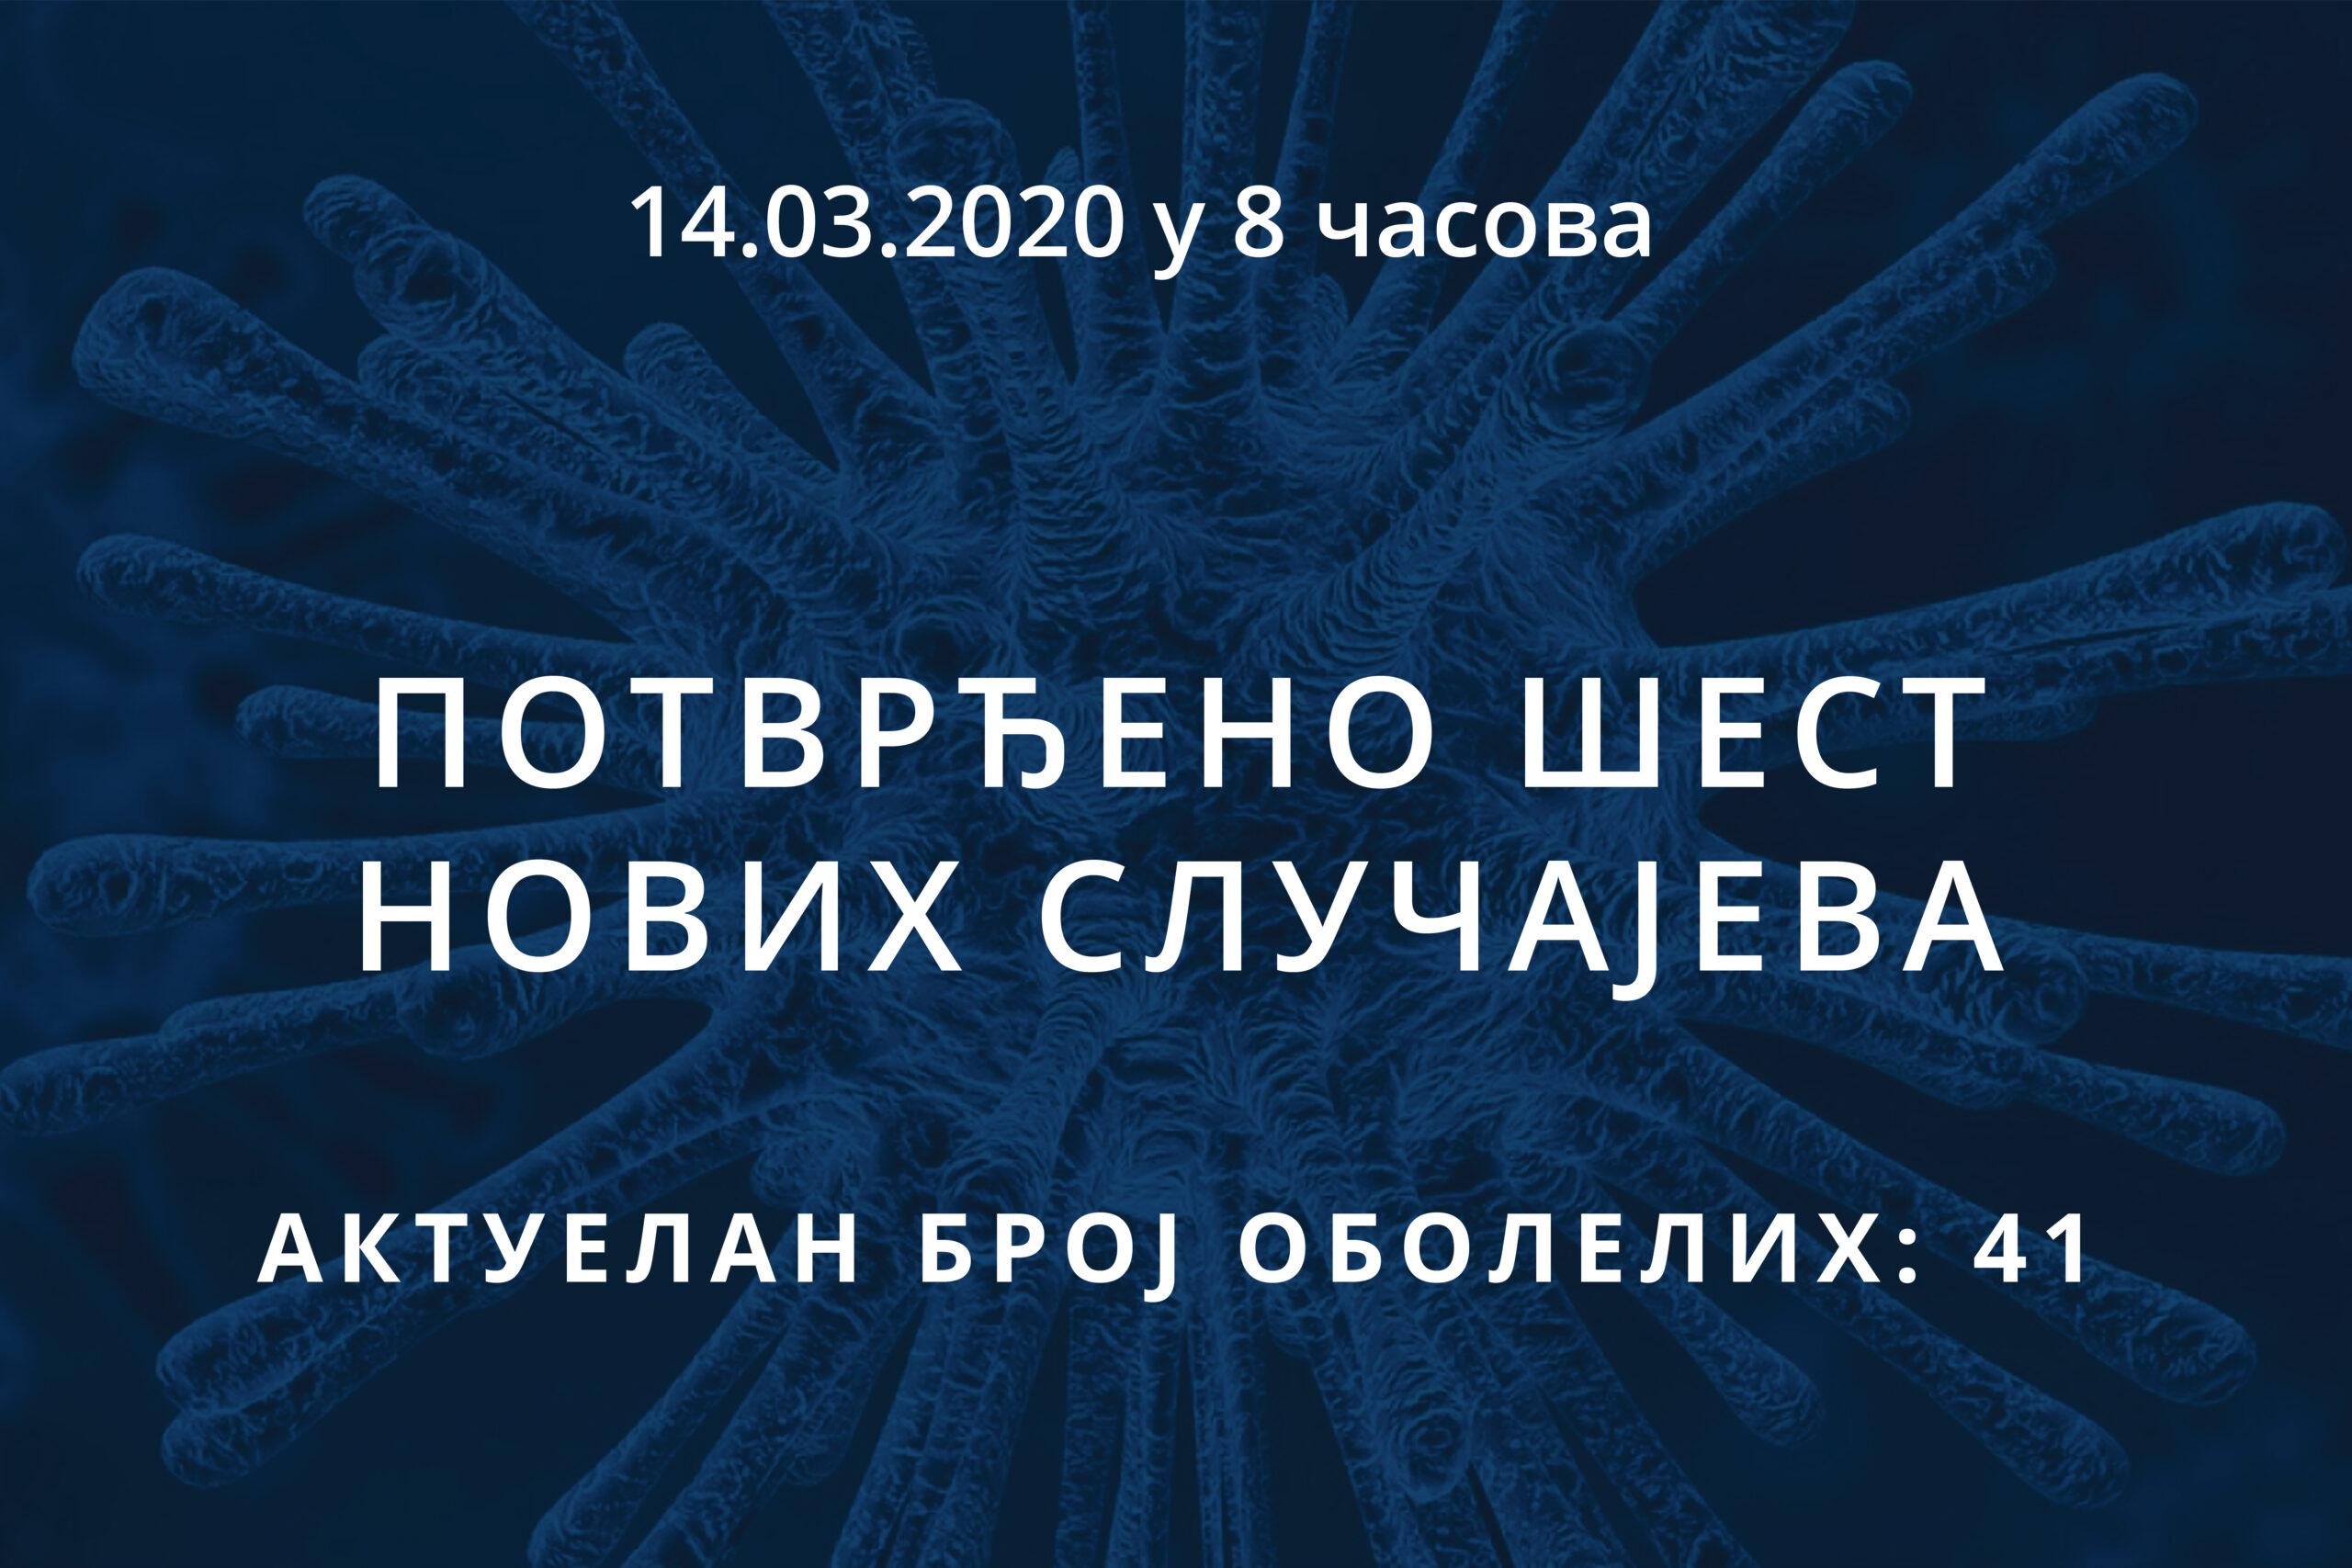 Информације о корона вирусу COVID-19, 14.03.2020 у 8 часова